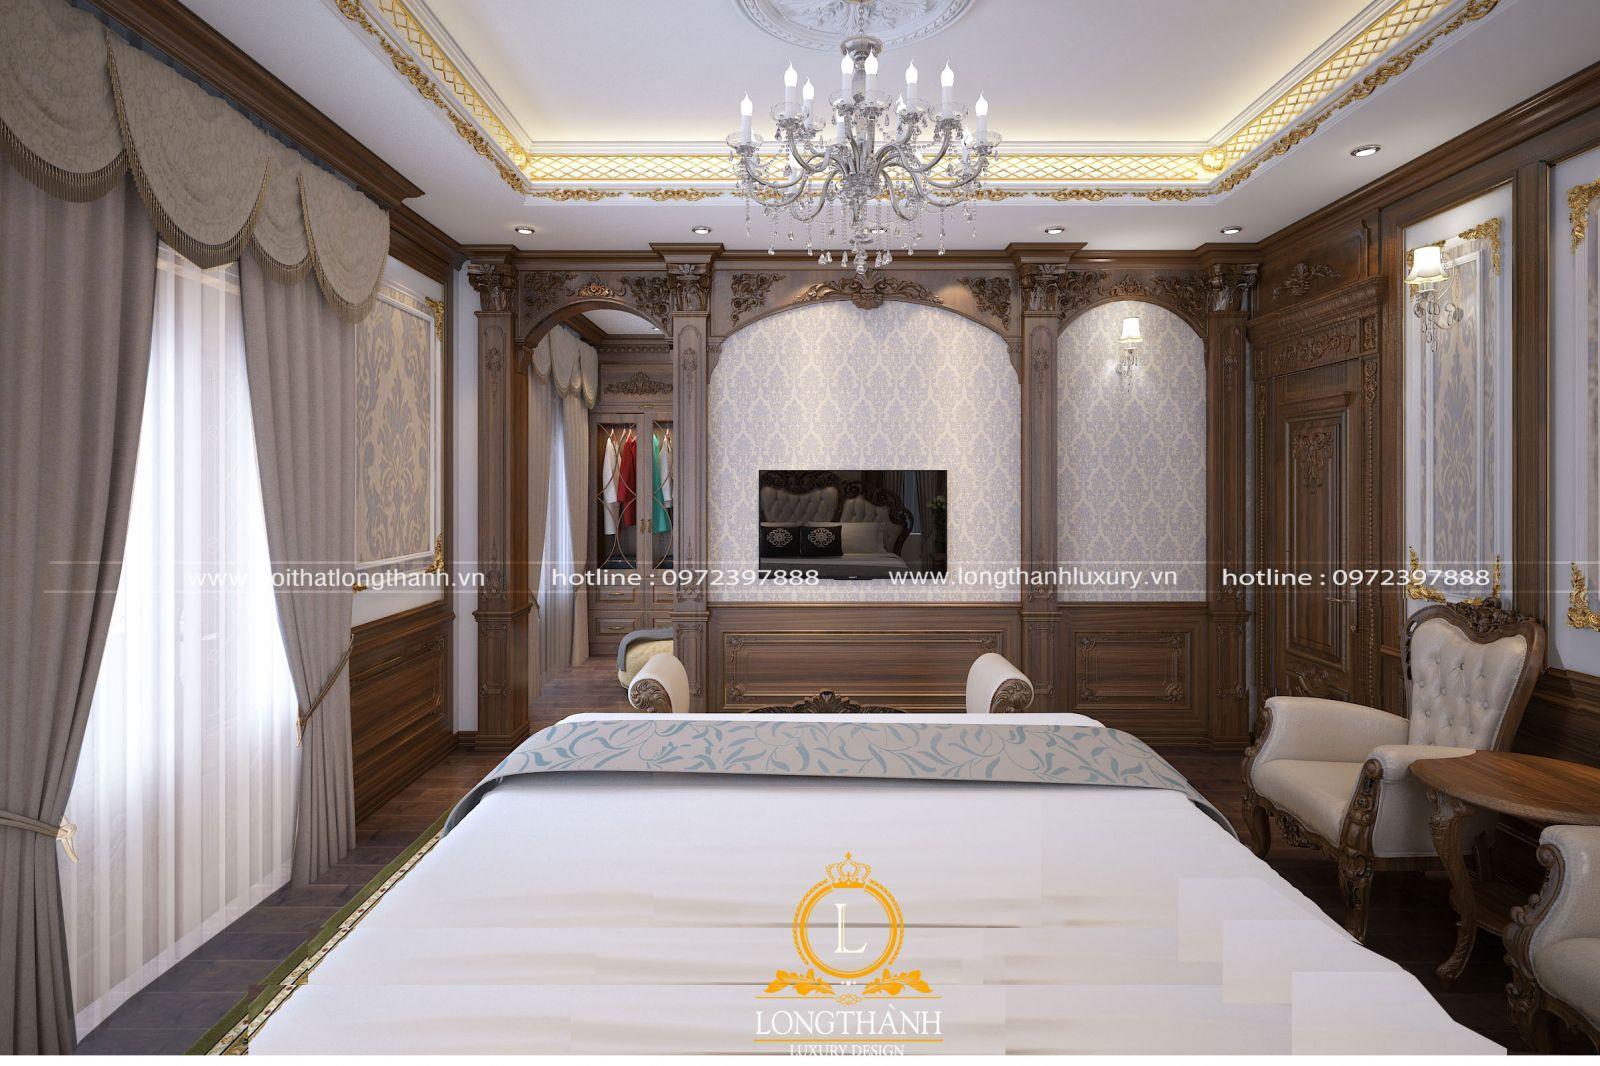 Thiết kế phòng ngủ đẹp với chất liệu gỗ cao cấp